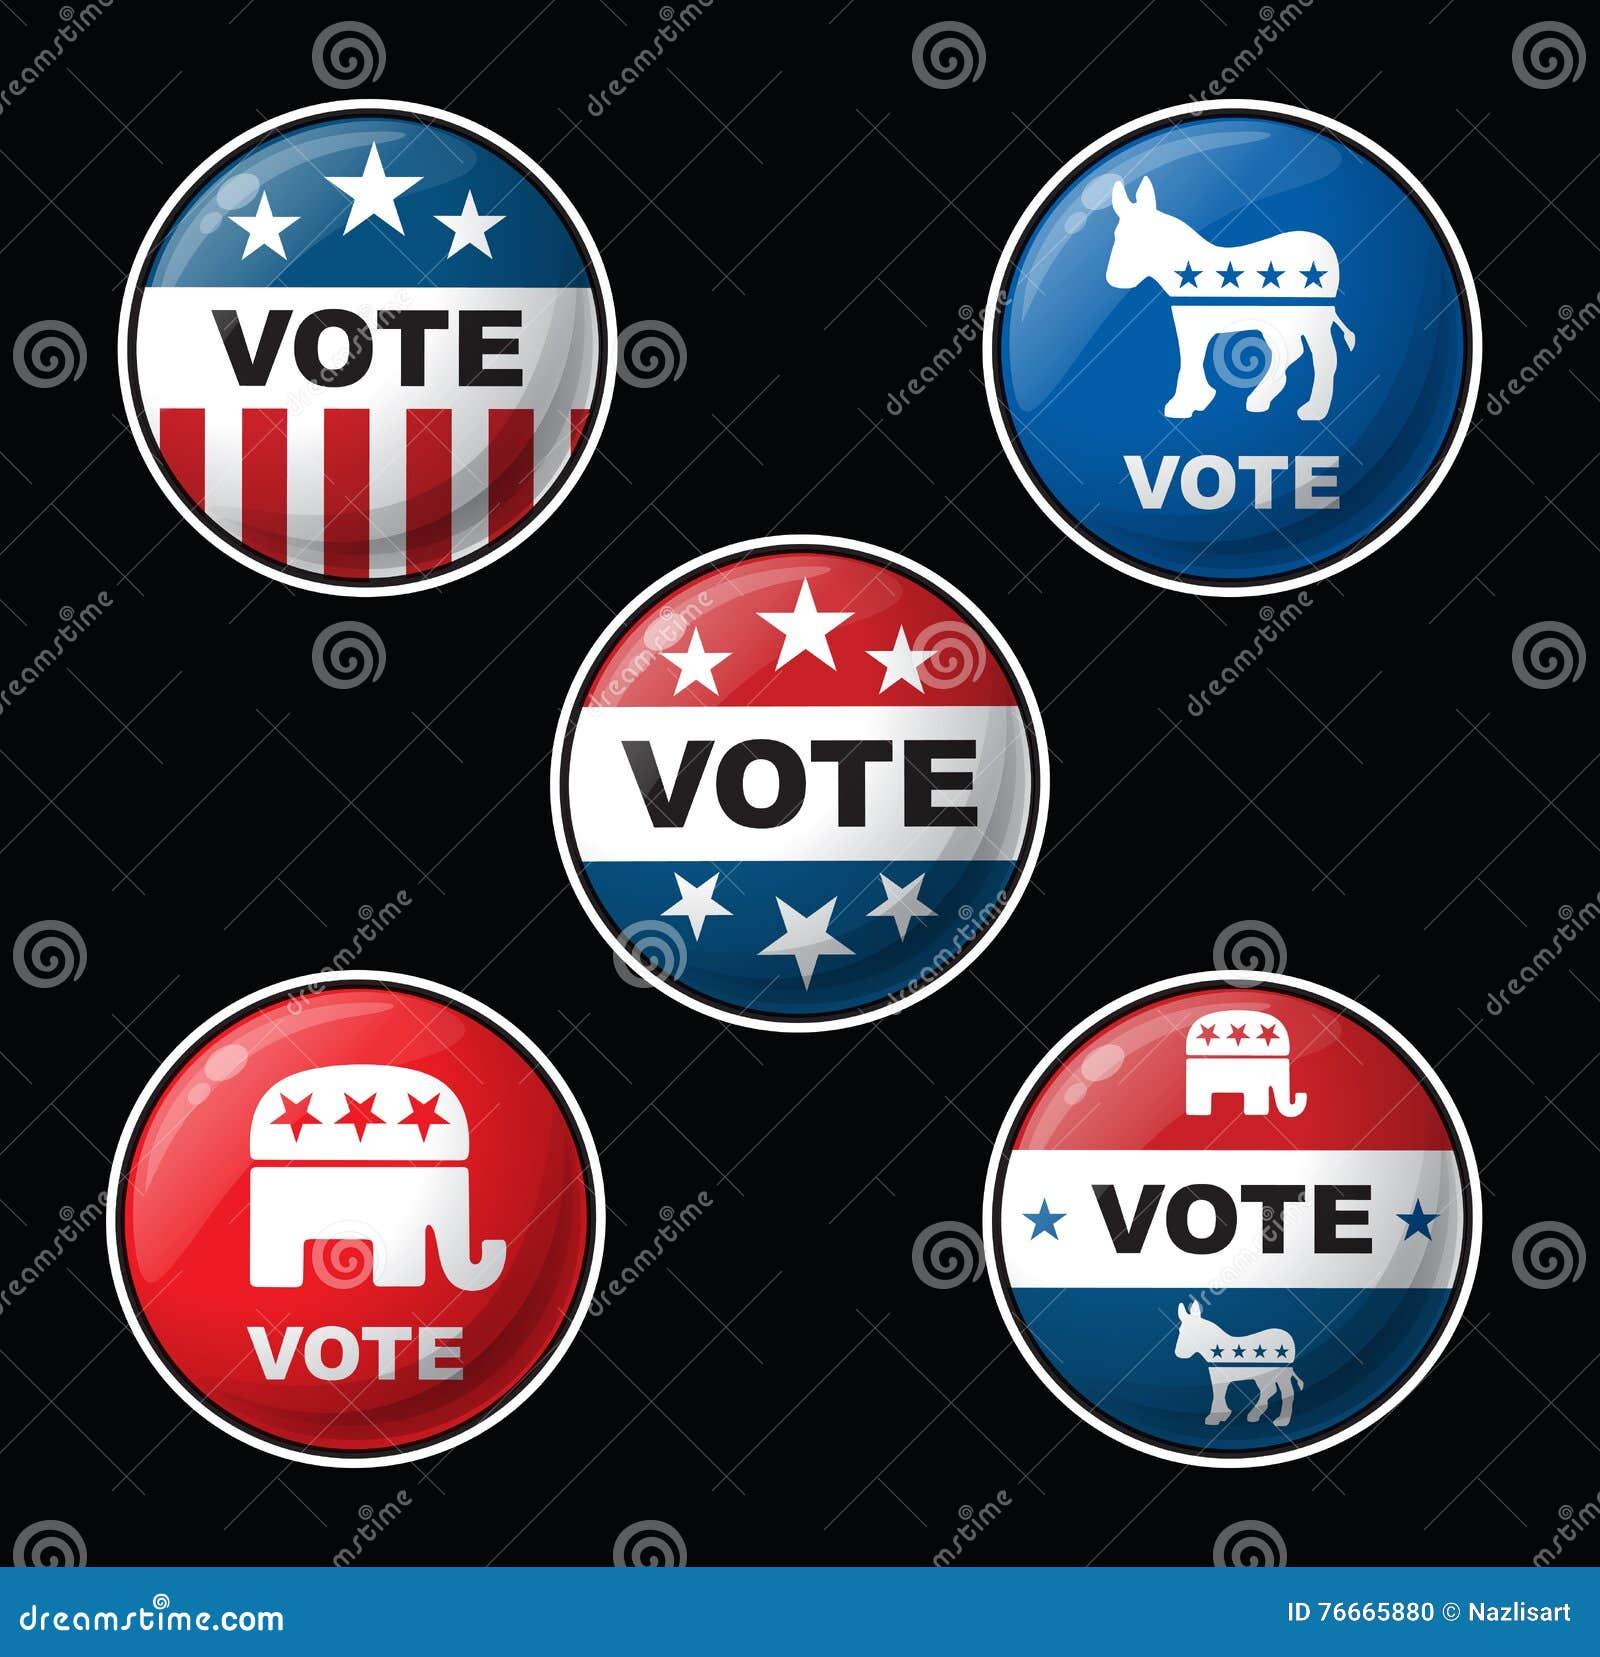 Vote Badges - American Republican & Democratic Parties